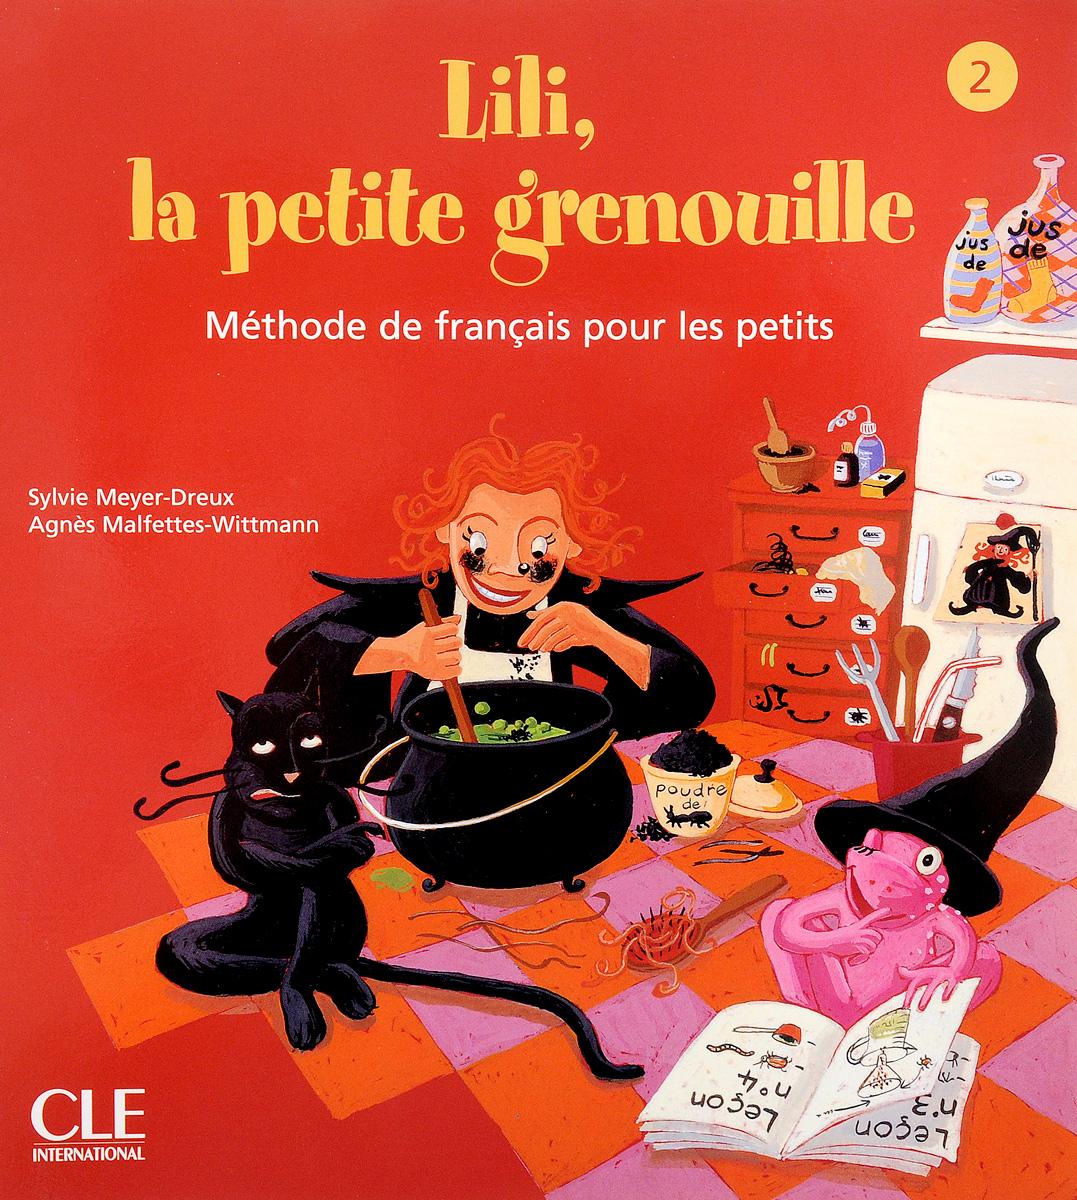 Lili, la petite grenouille: Niveaux 2 schleifer simone working spaces espaces de travail рабочие пространства кабинеты офисы